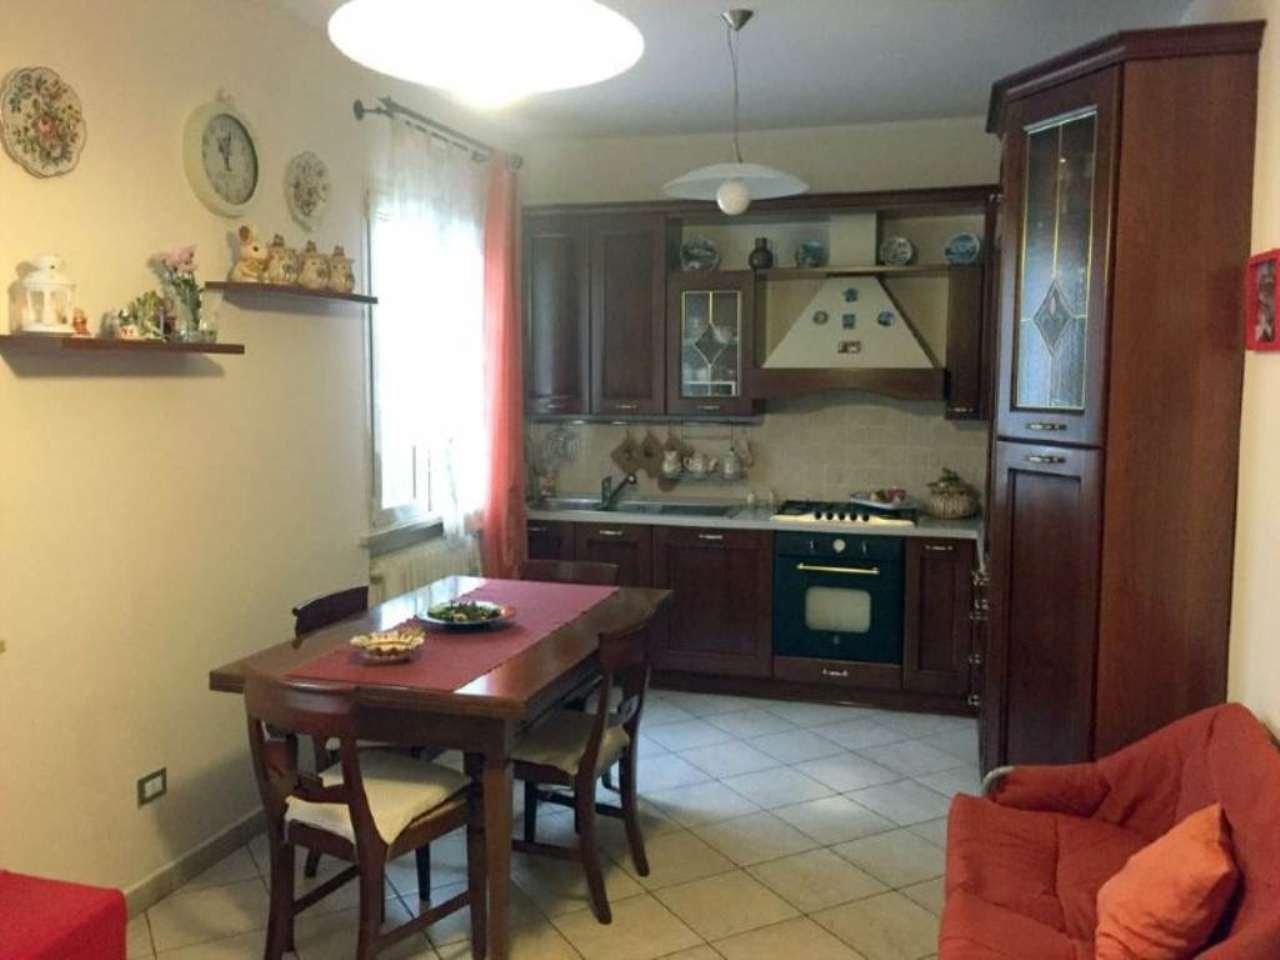 Soluzione Indipendente in vendita a Ravenna, 6 locali, prezzo € 278.000 | CambioCasa.it